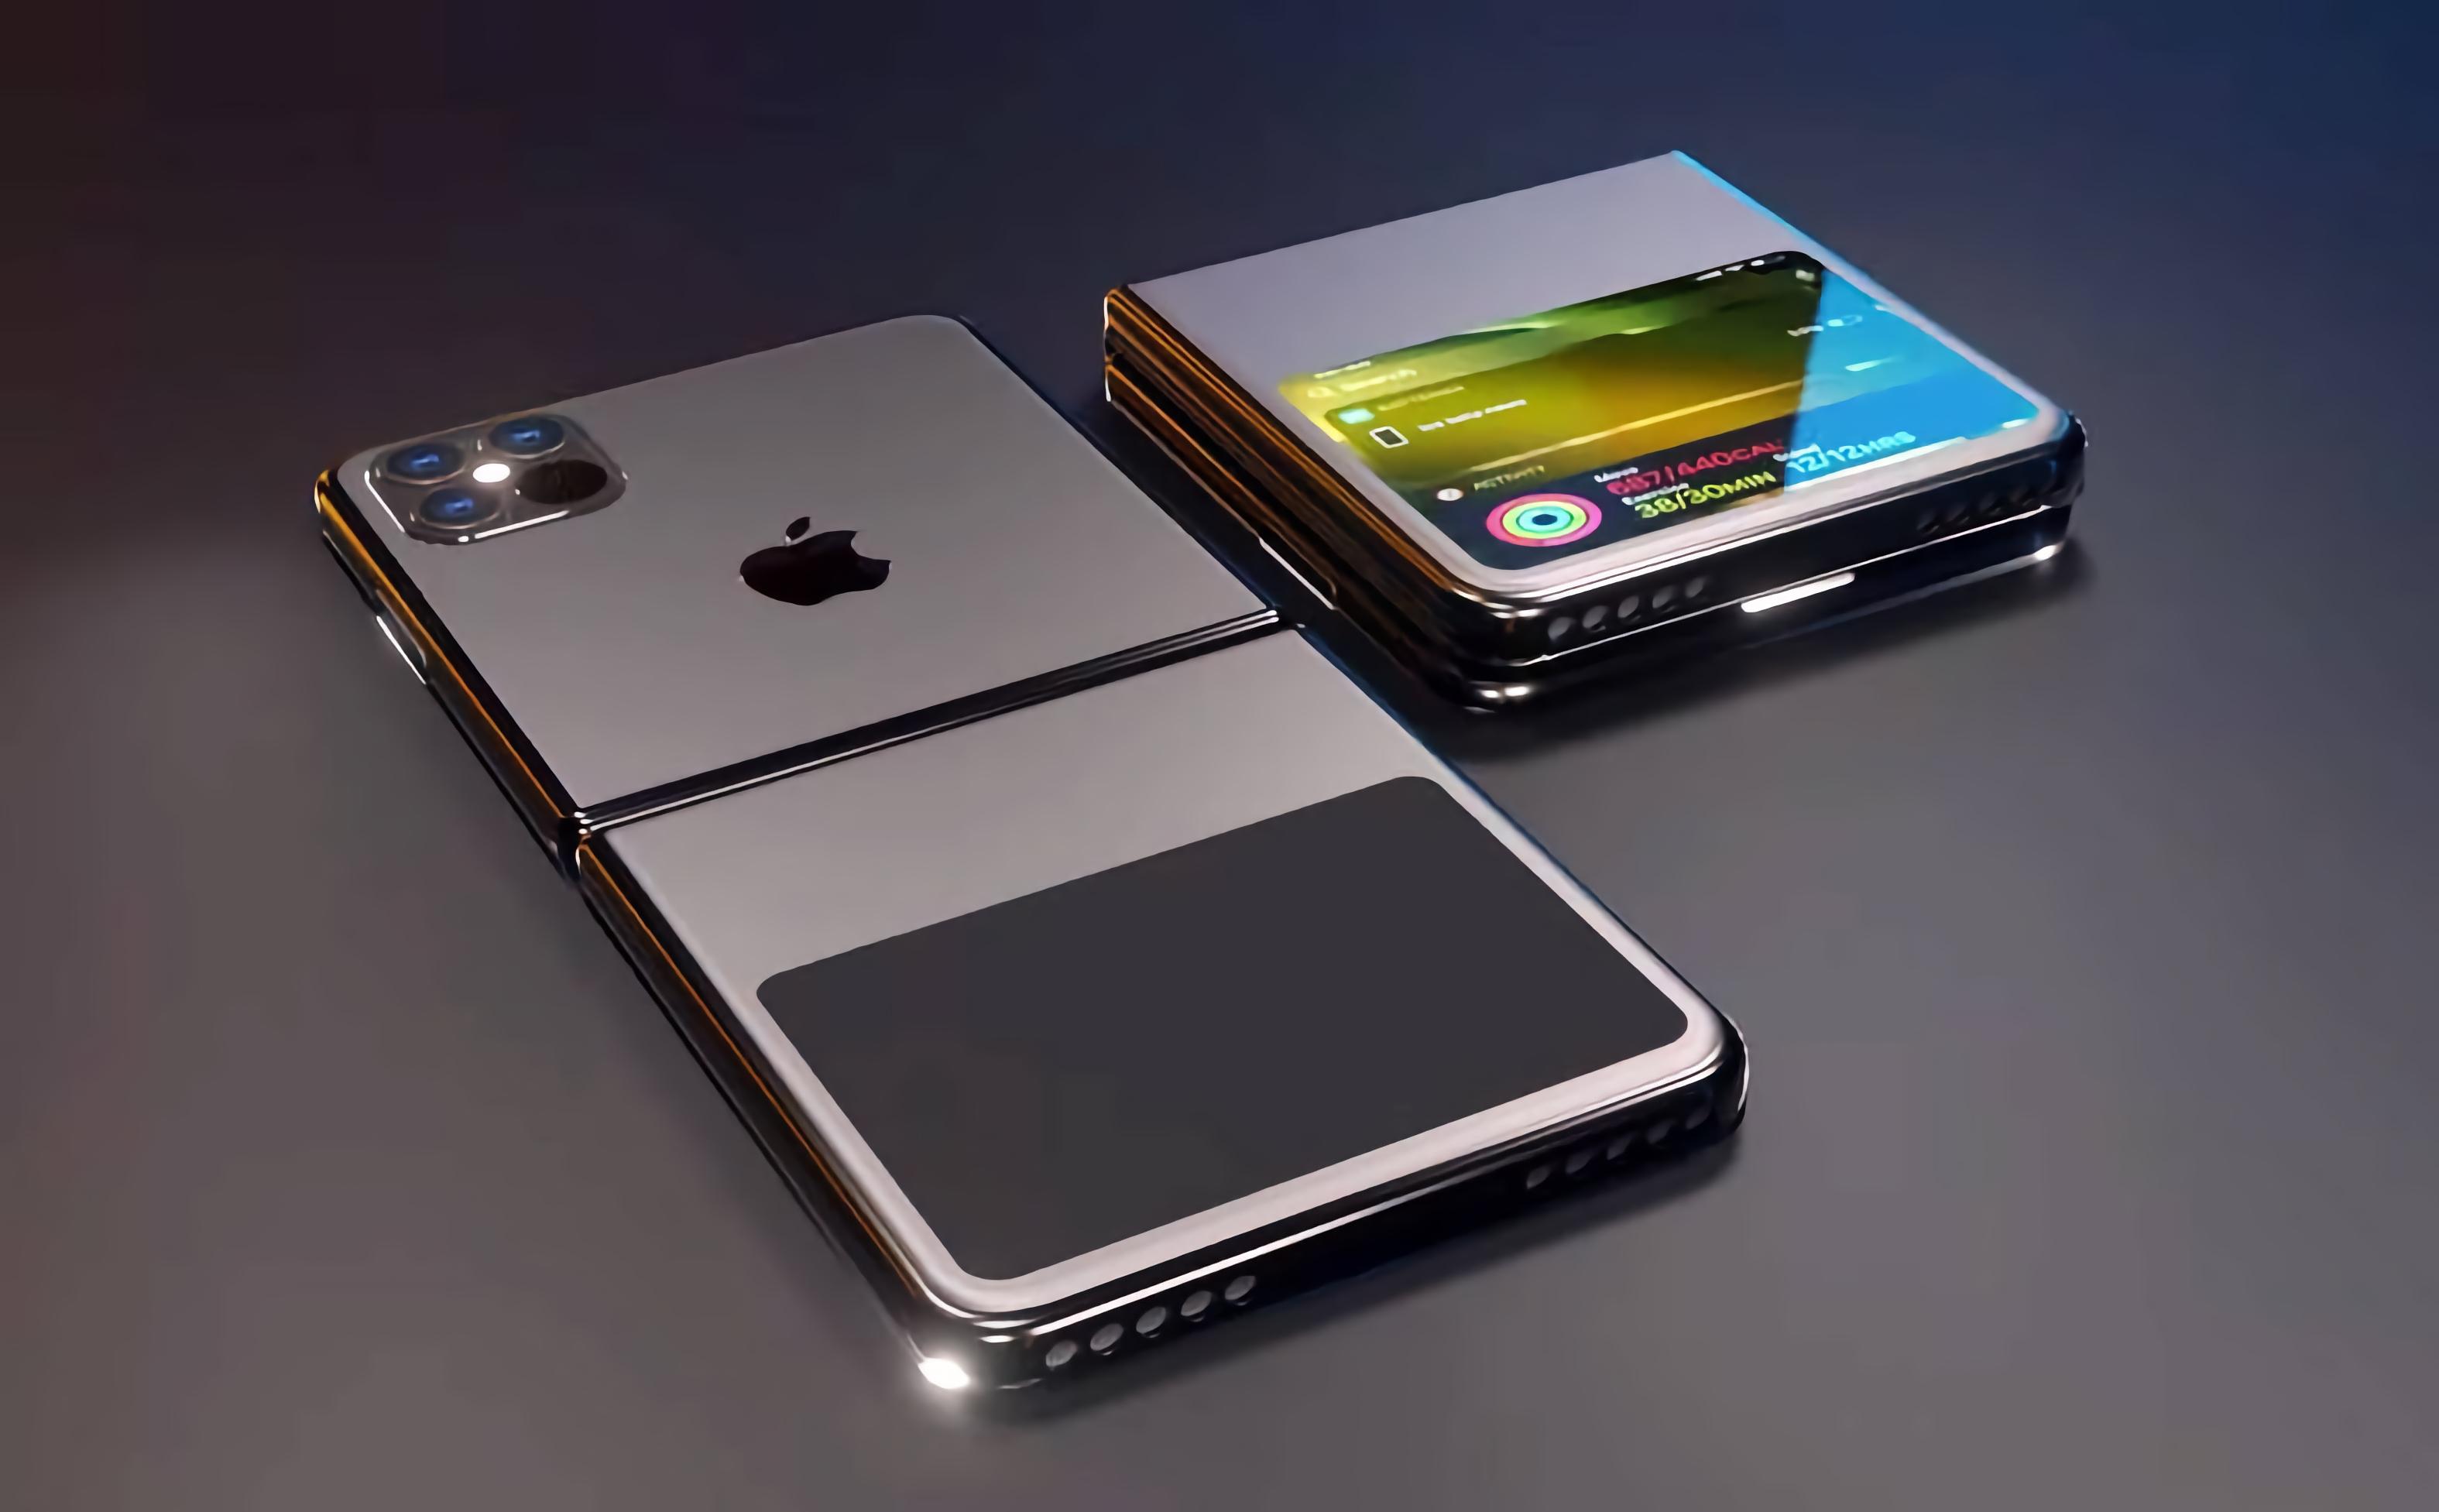 Инсайдер: первый складной смартфон Apple получит дизайн, как у Galaxy Z Flip, OLED-дисплей Samsung и множество разных цветов